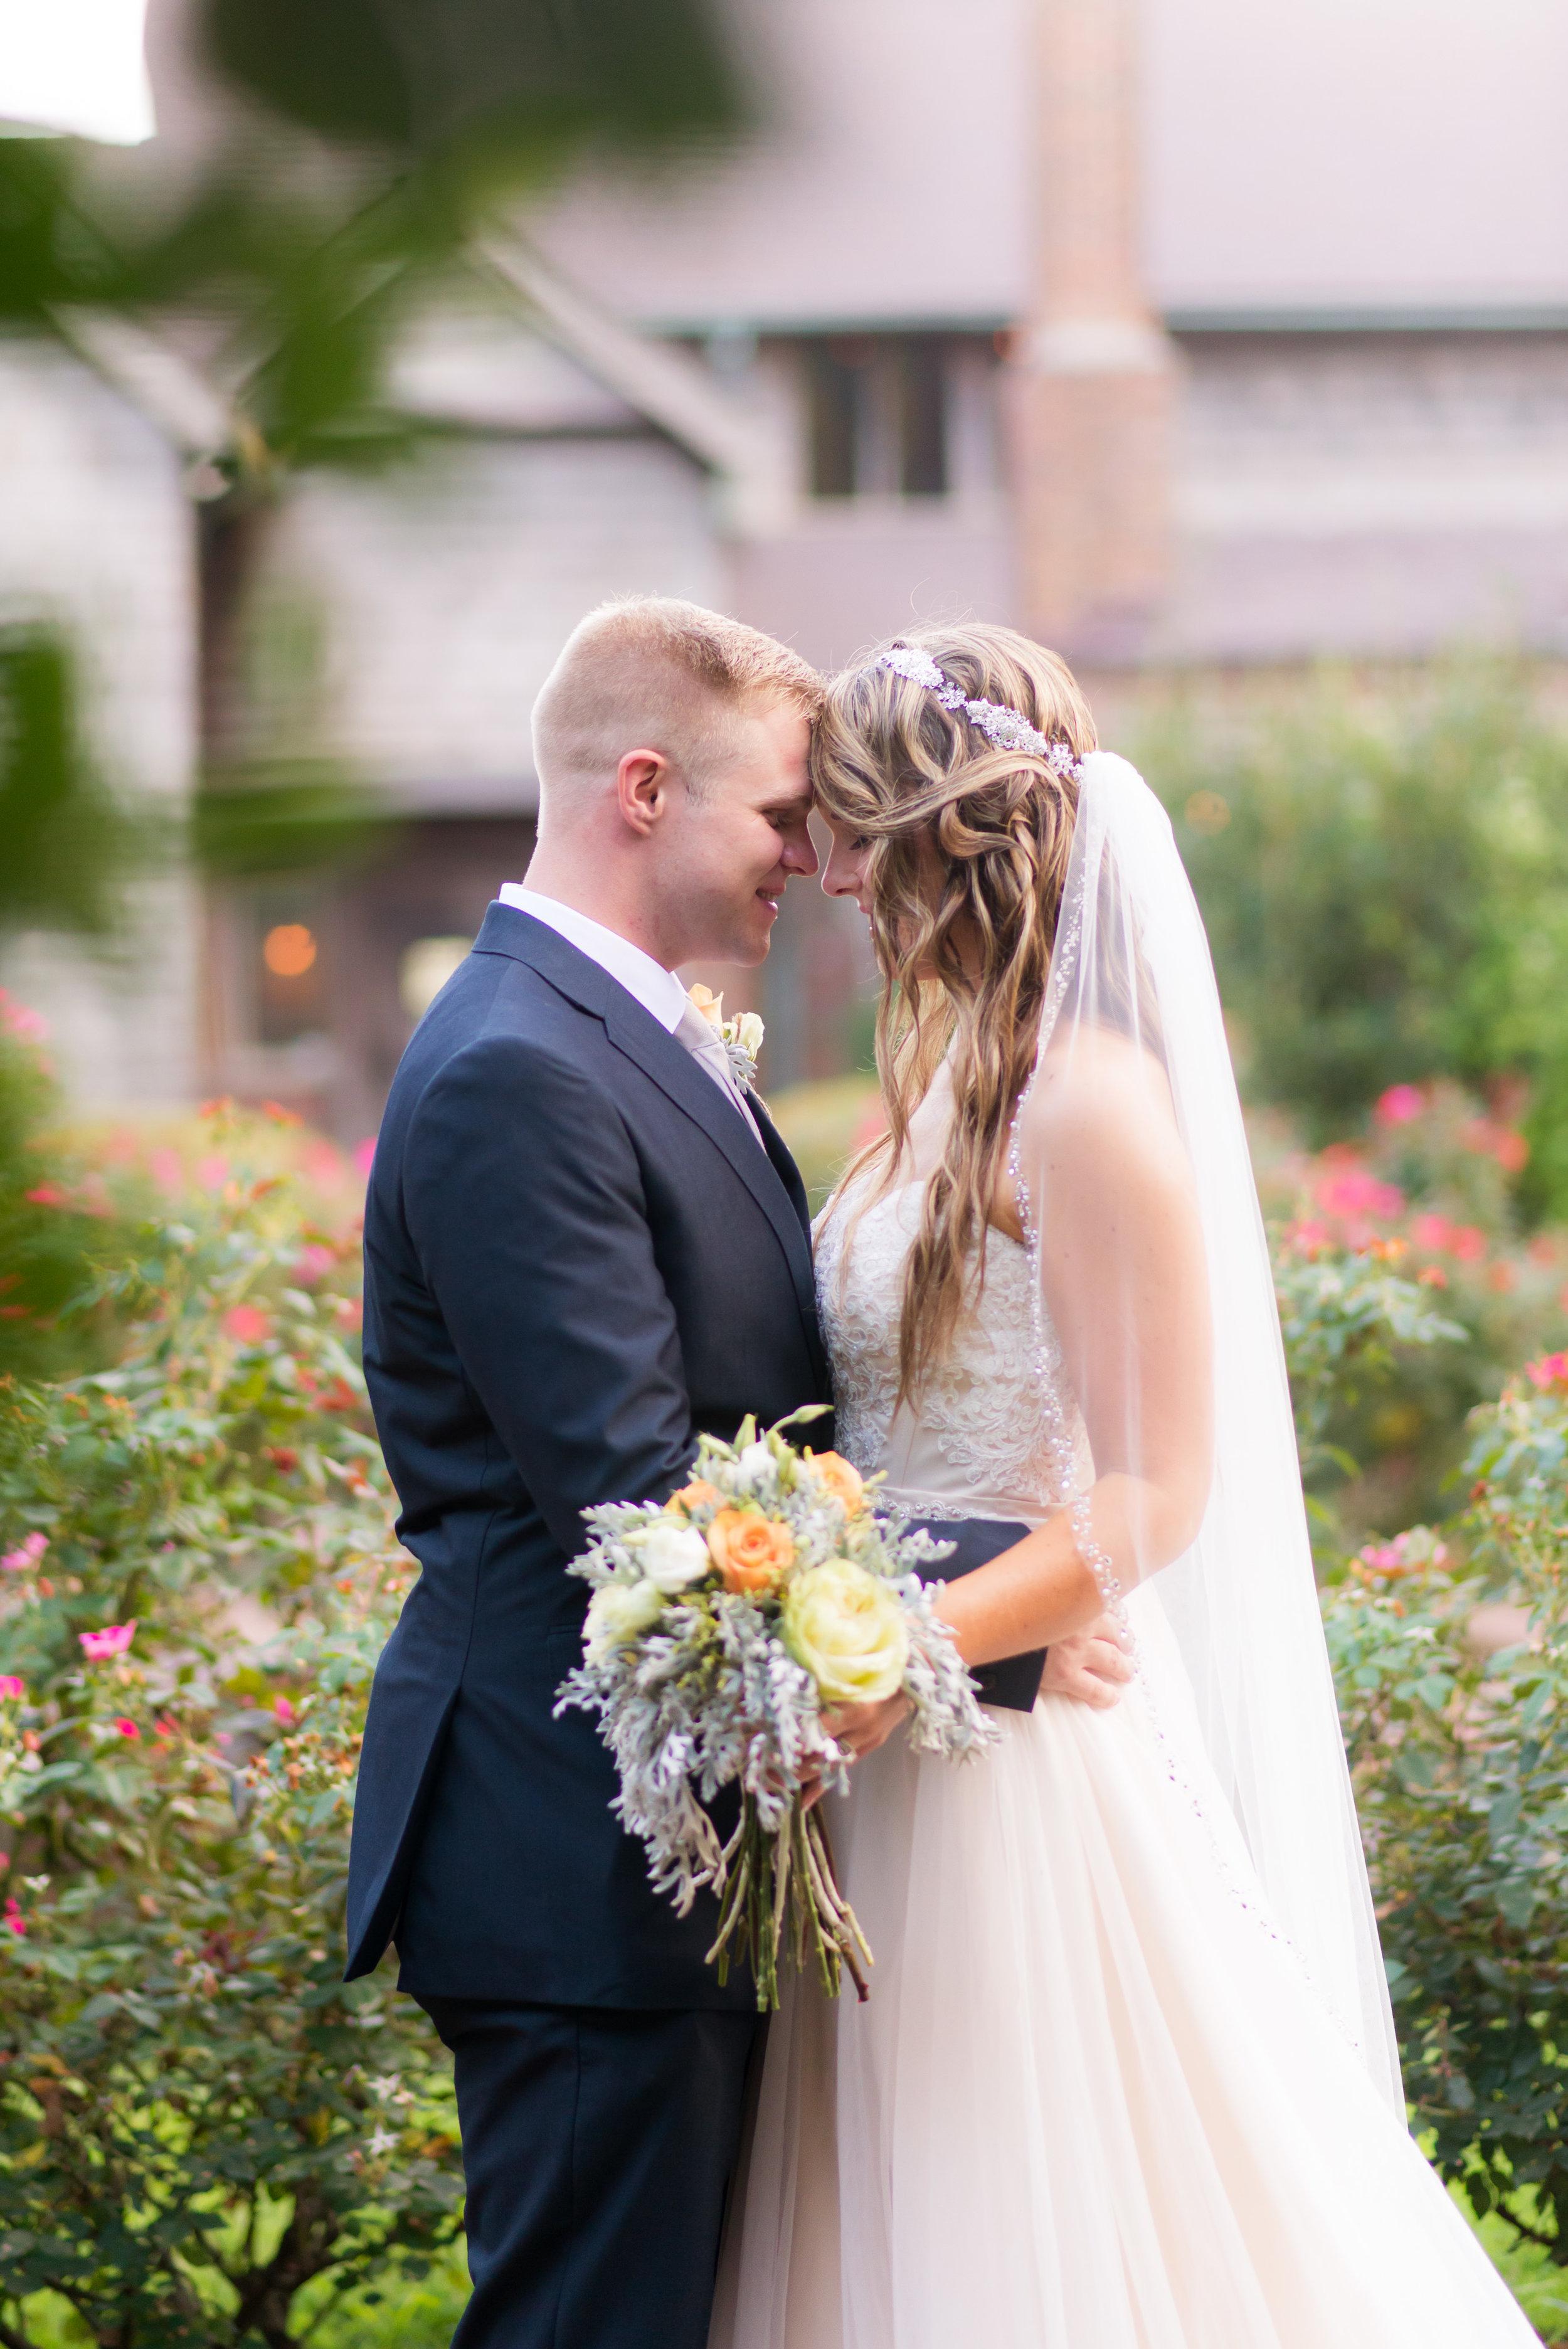 Rachael + William_Married376.JPG